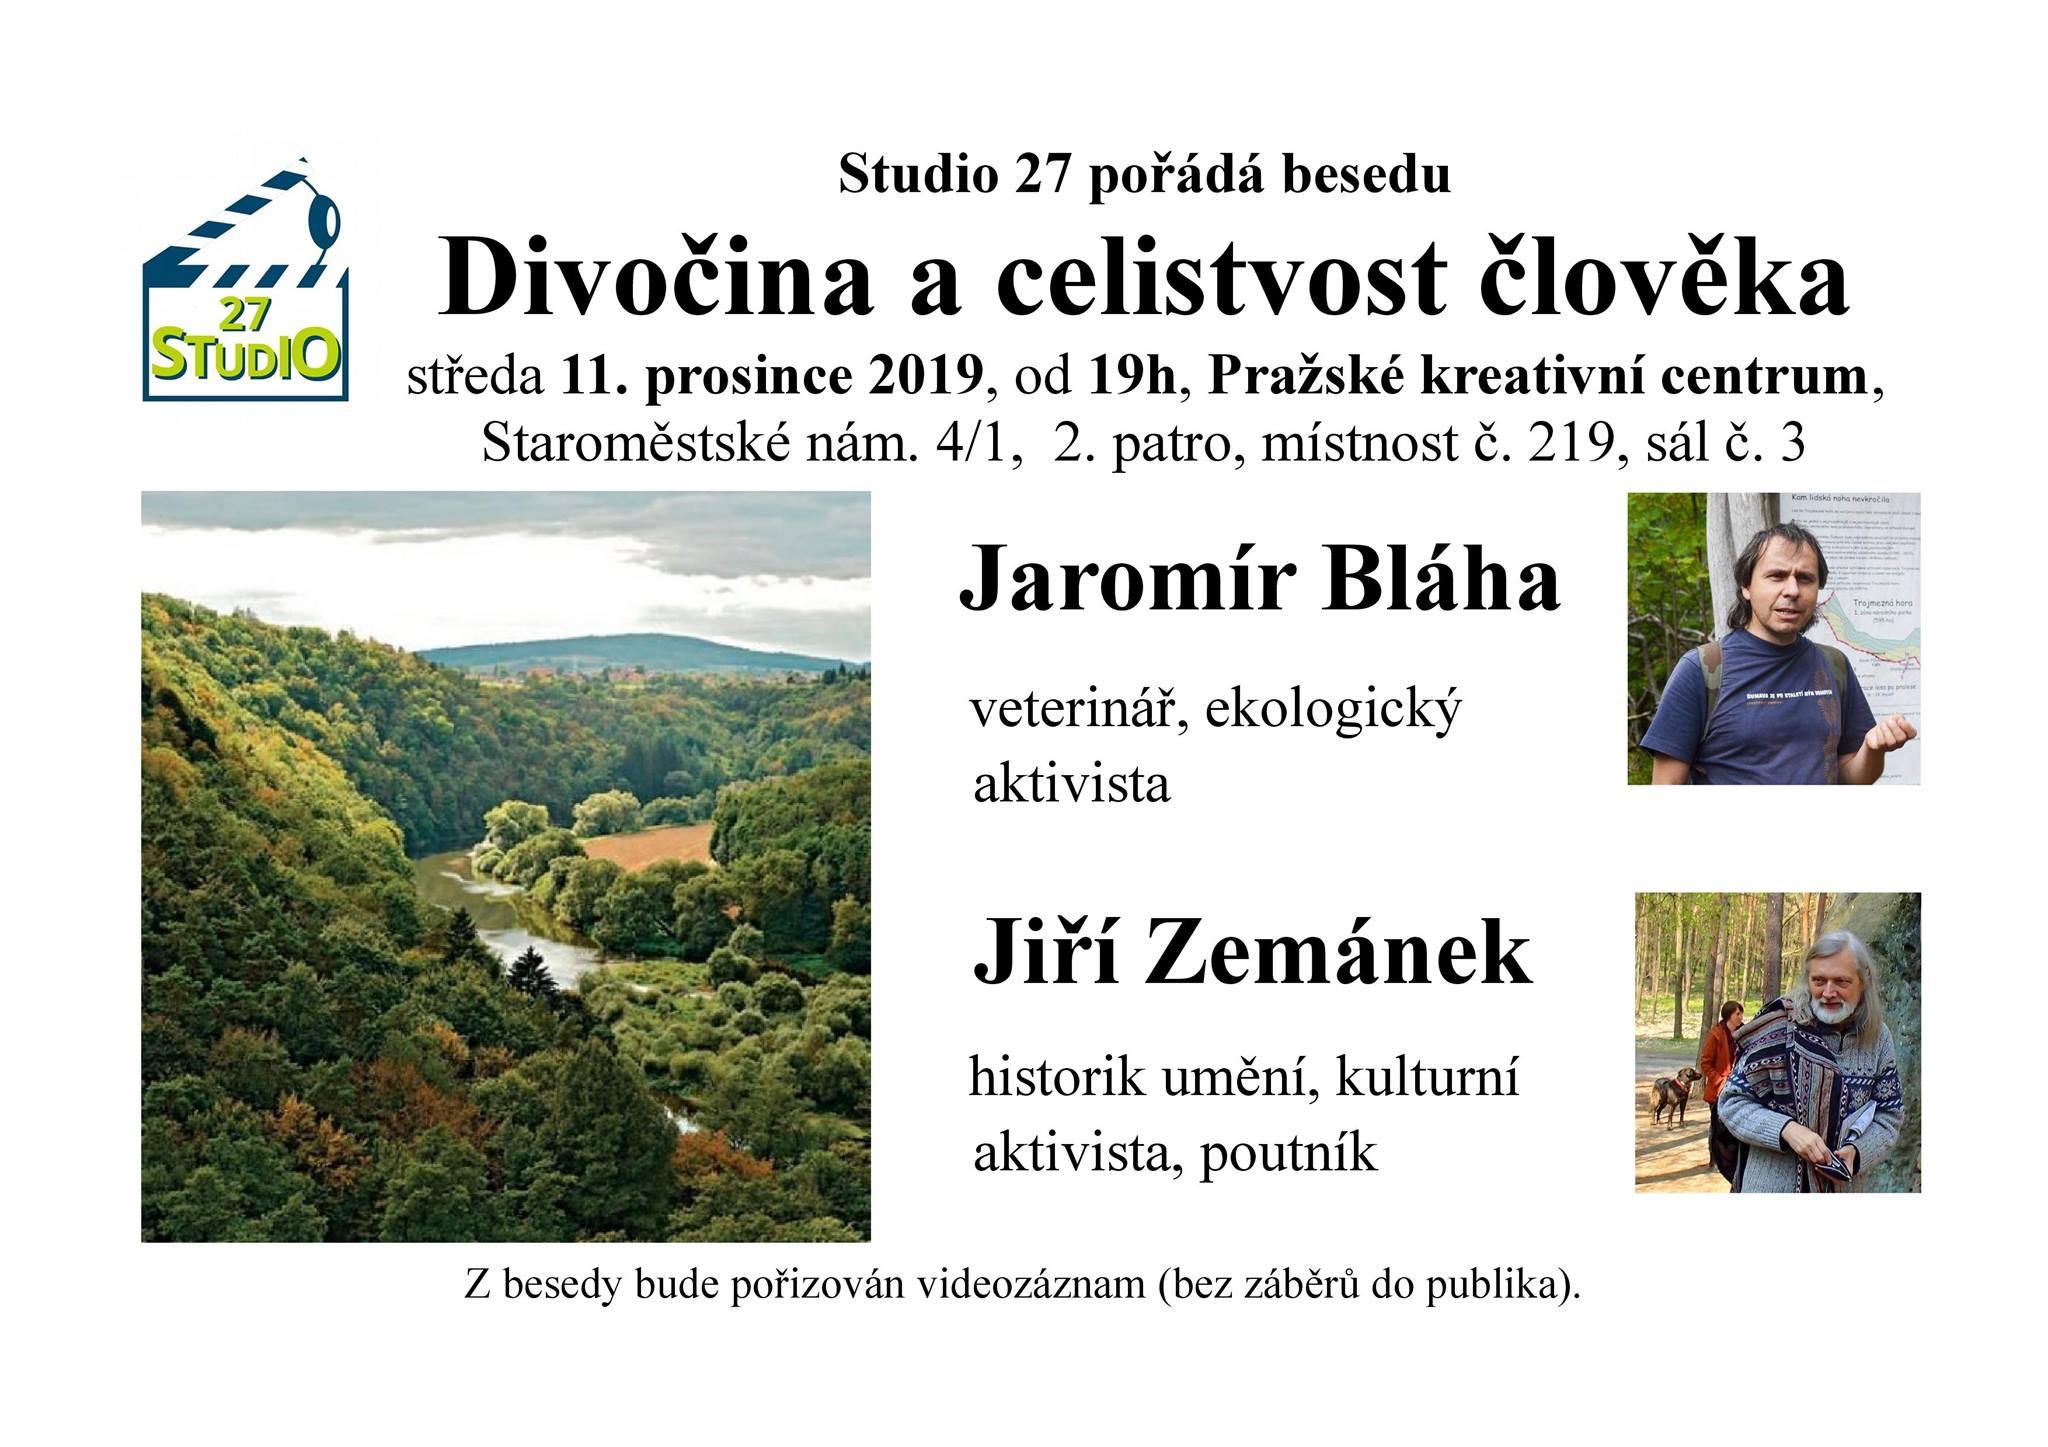 Studio 27 - Divočina a celistvost člověka - 11.12.2019, 19h, Pražské kreativní centrum